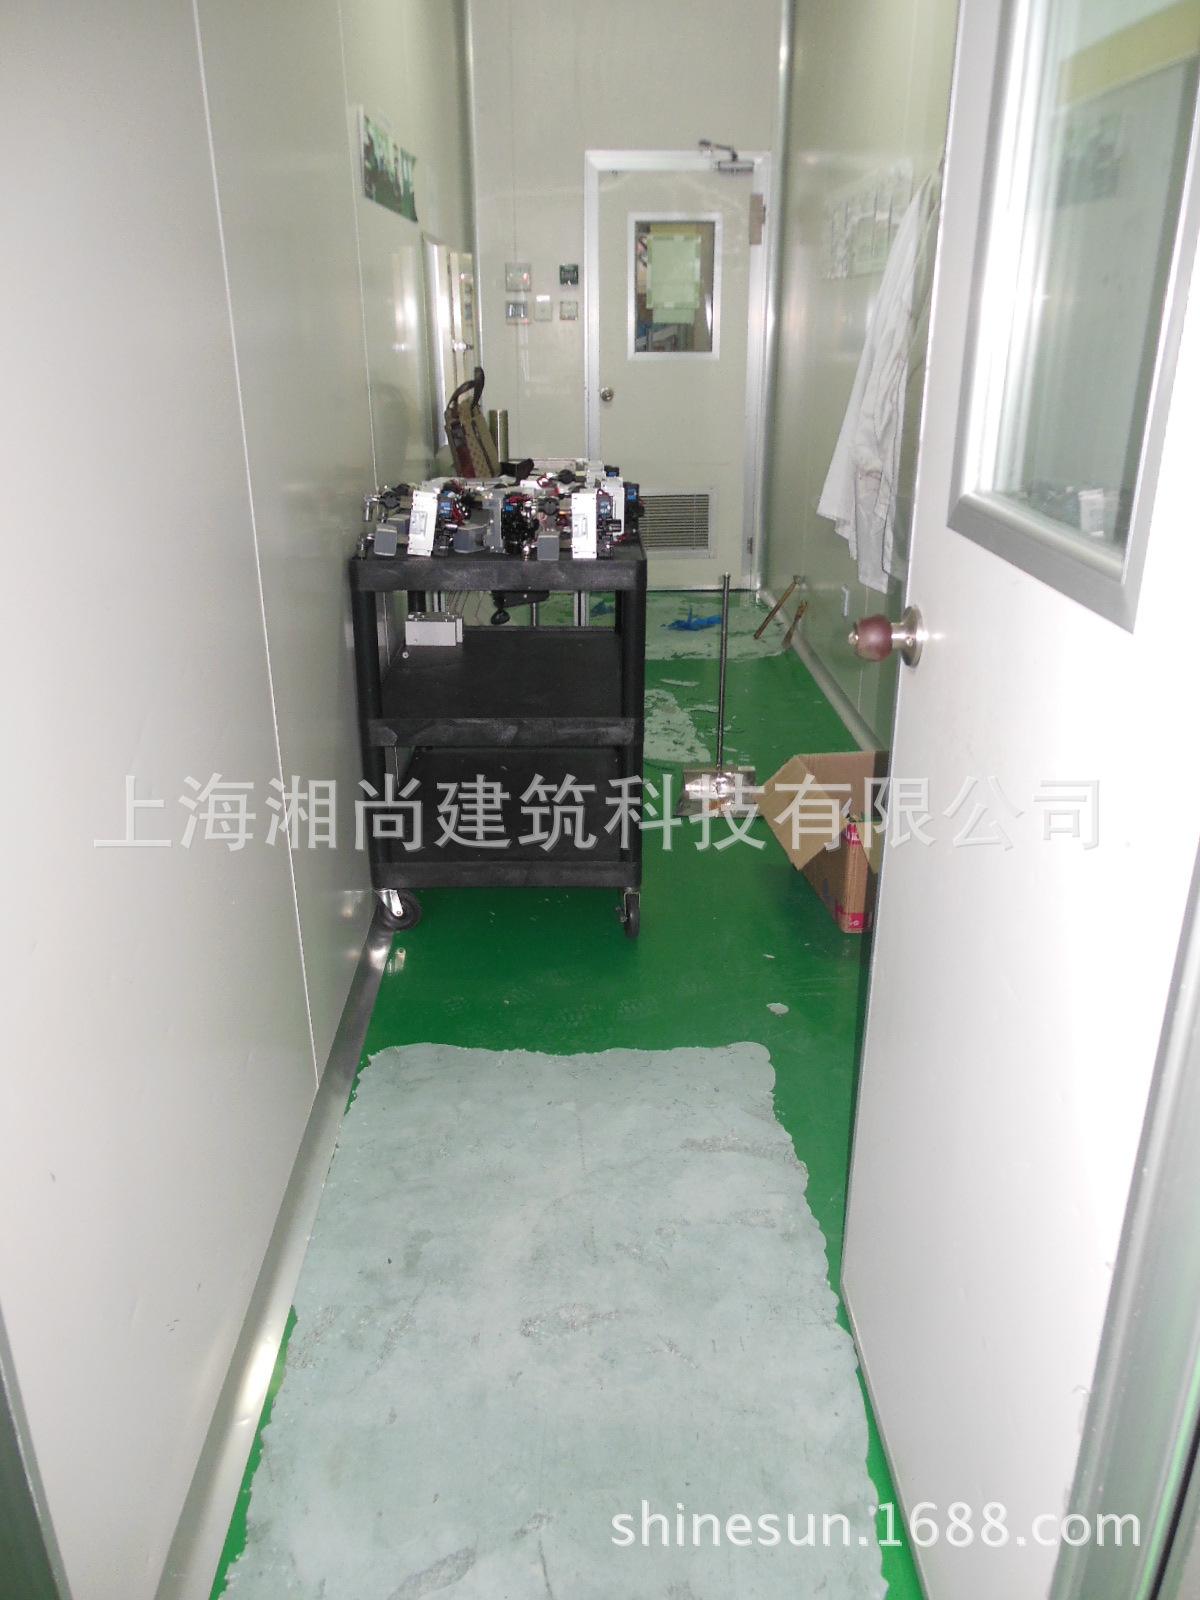 4。IMI诺冠洁净室施工人工铲除破损起壳旧环氧地坪